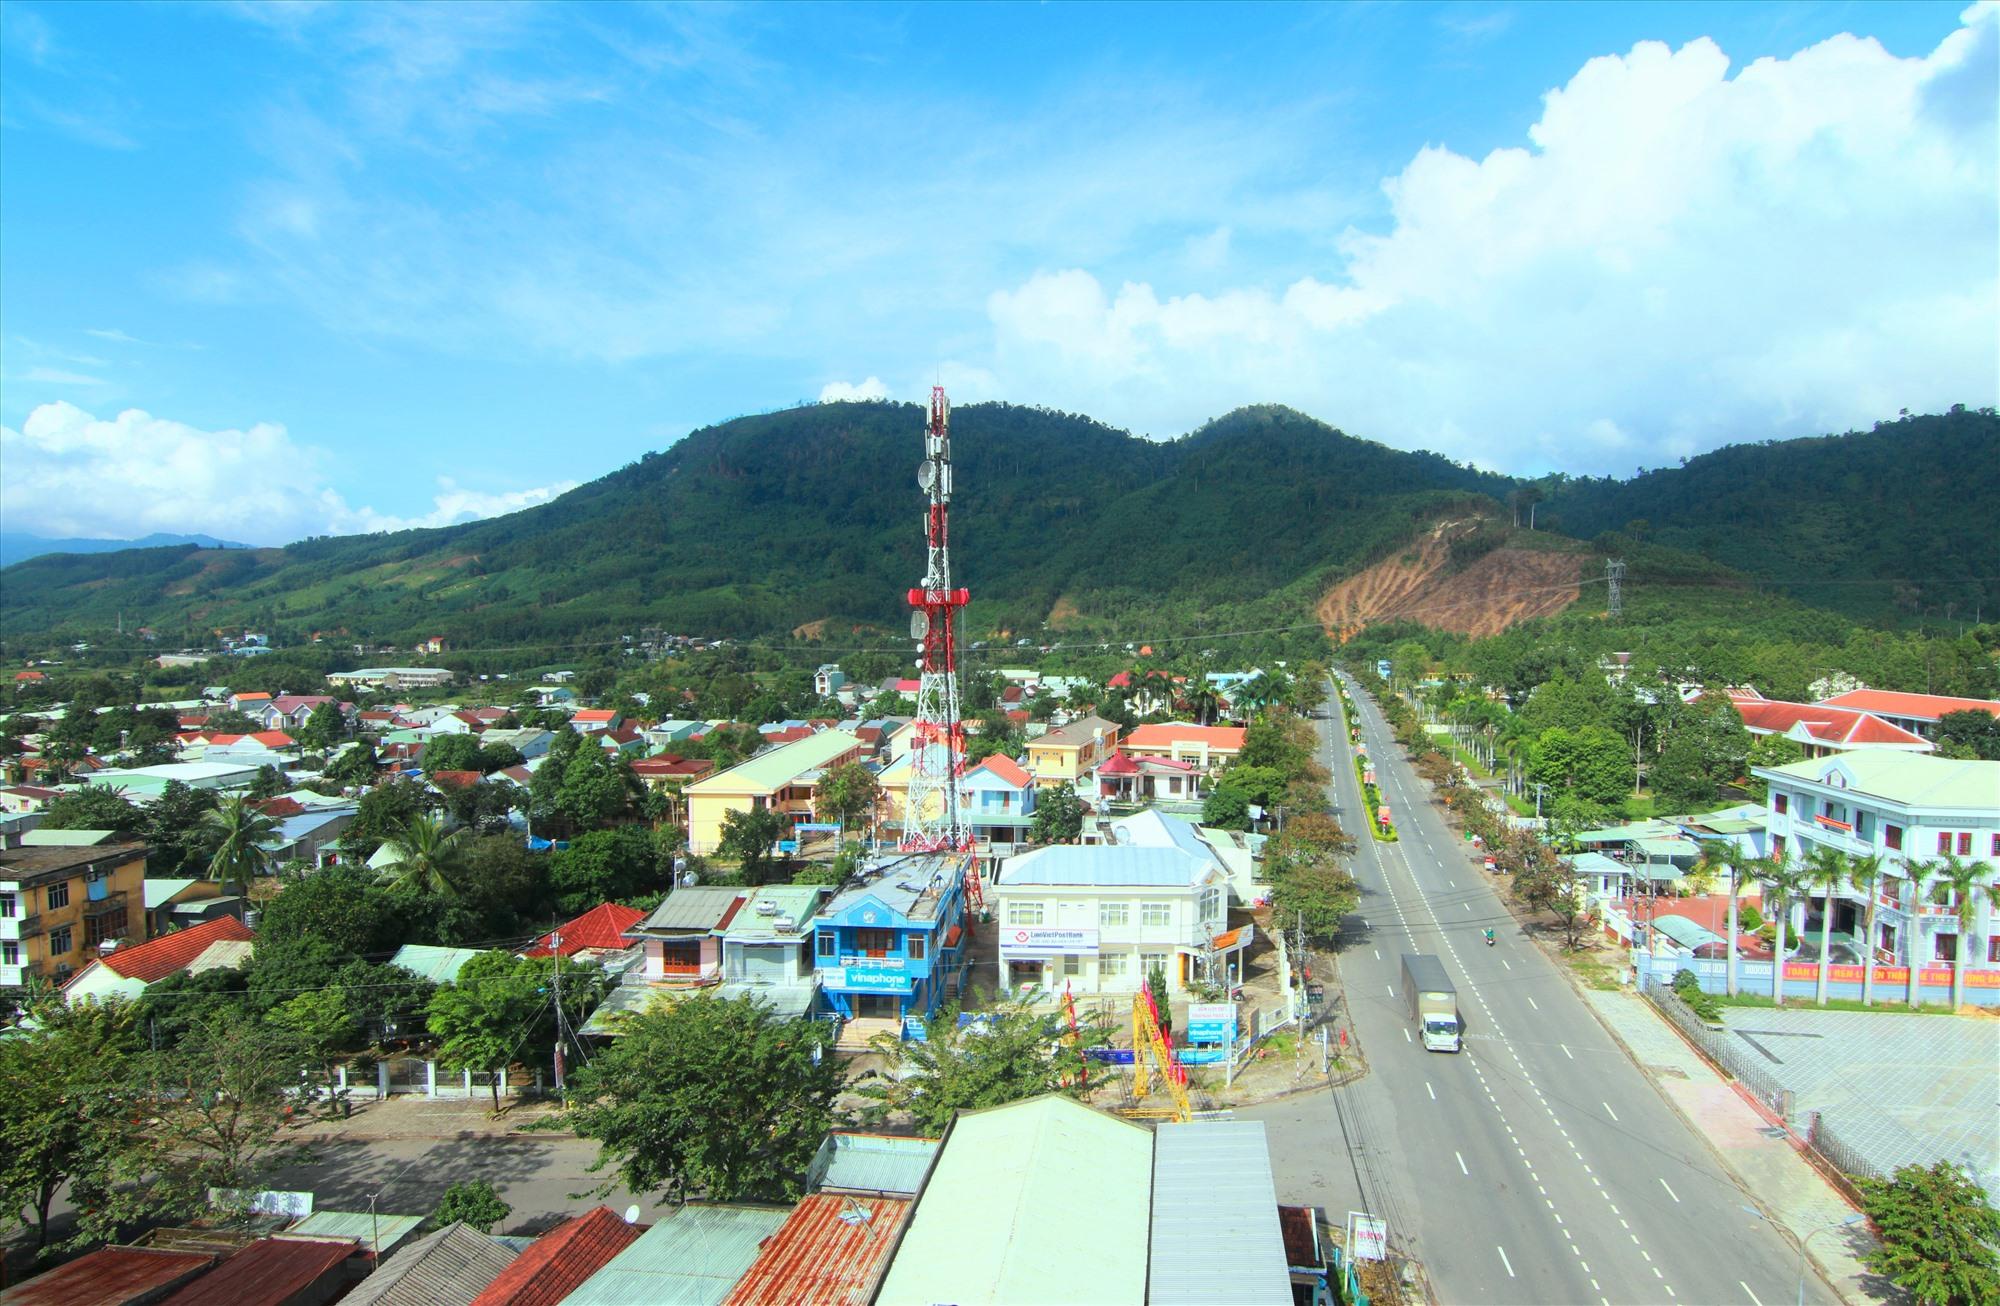 Khâm Đức sẽ trở thành đô thị trung tâm vùng huyện Phước Sơn vào năm 2030.Ảnh: ALĂNG NGƯỚC